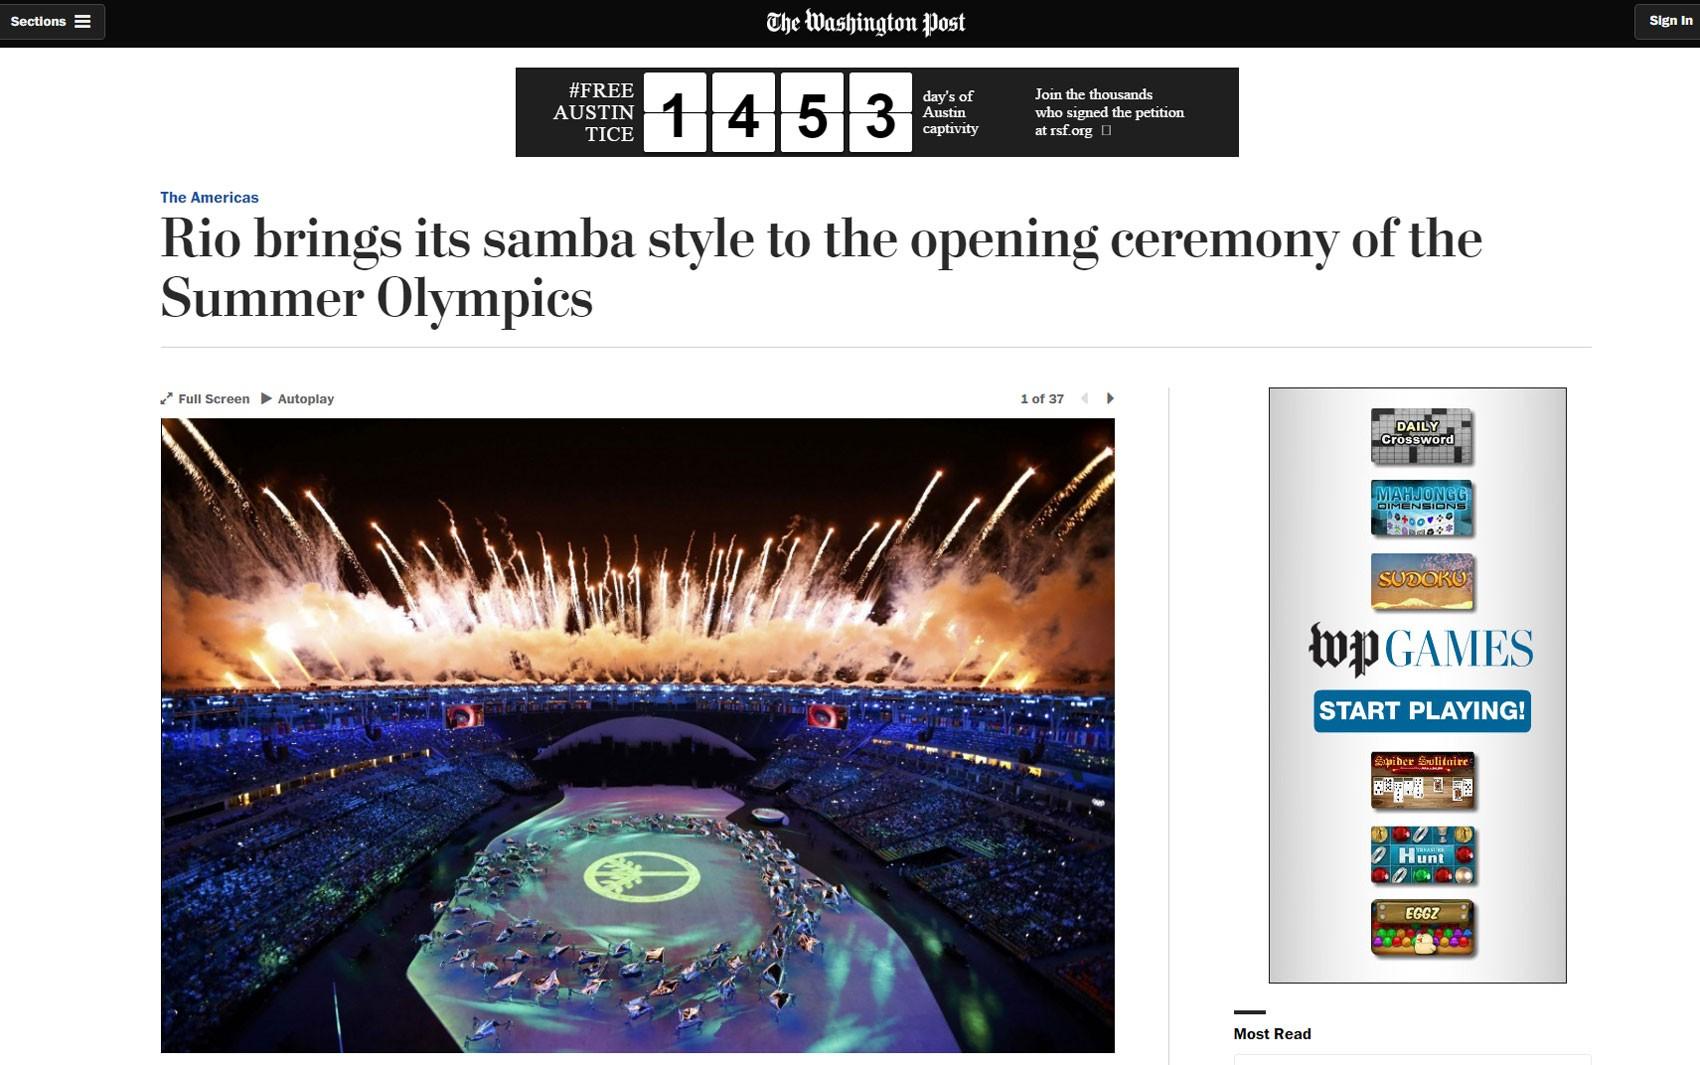 'Washington Post' fez elogios e disse que brasileiros se prepararam por anos para a cerimônia de abertura da Olimpíada do Rio